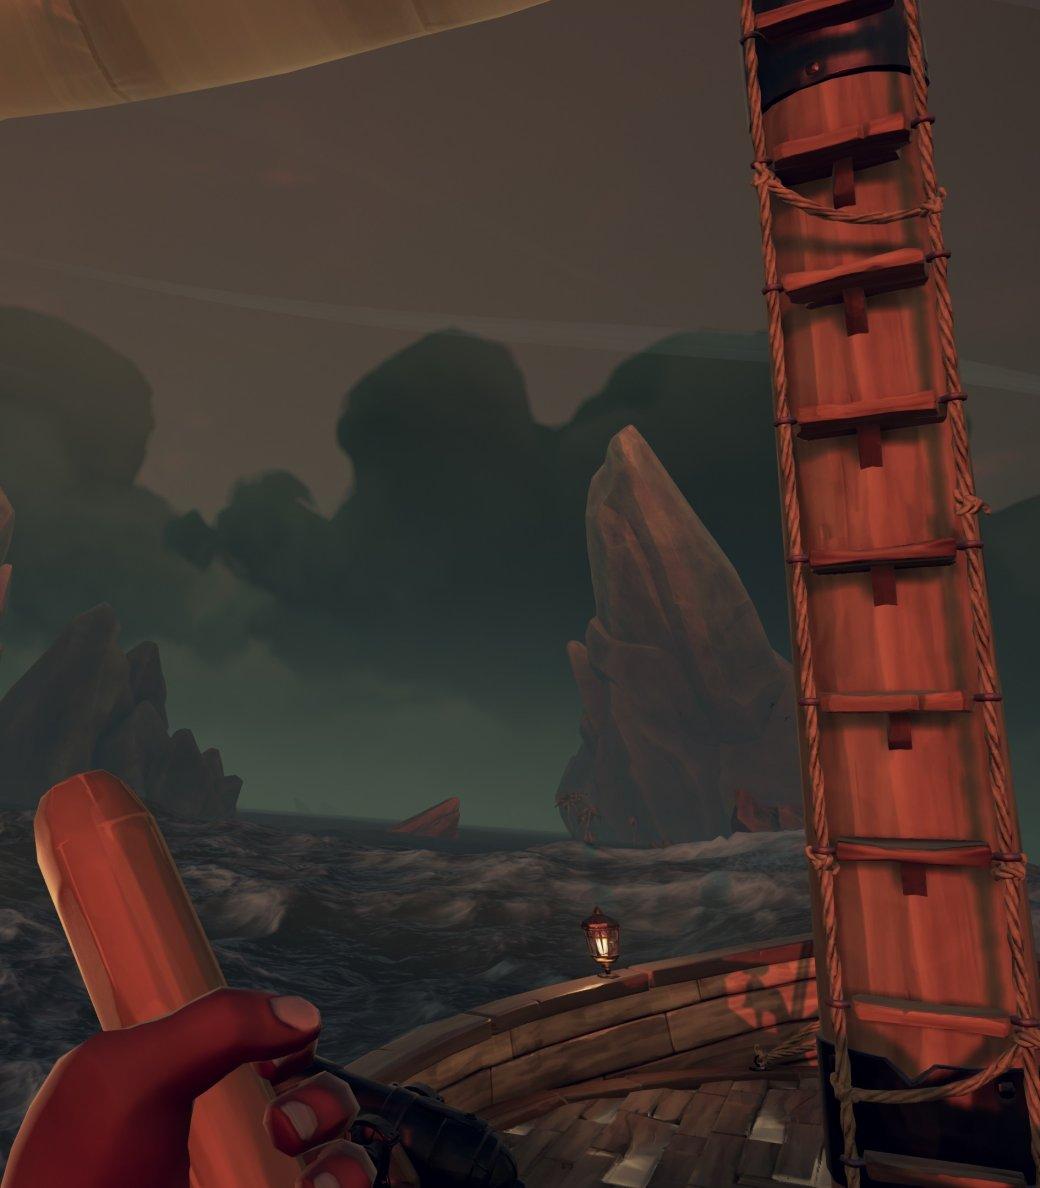 Рецензия на Sea of Thieves. Обзор игры - Изображение 4